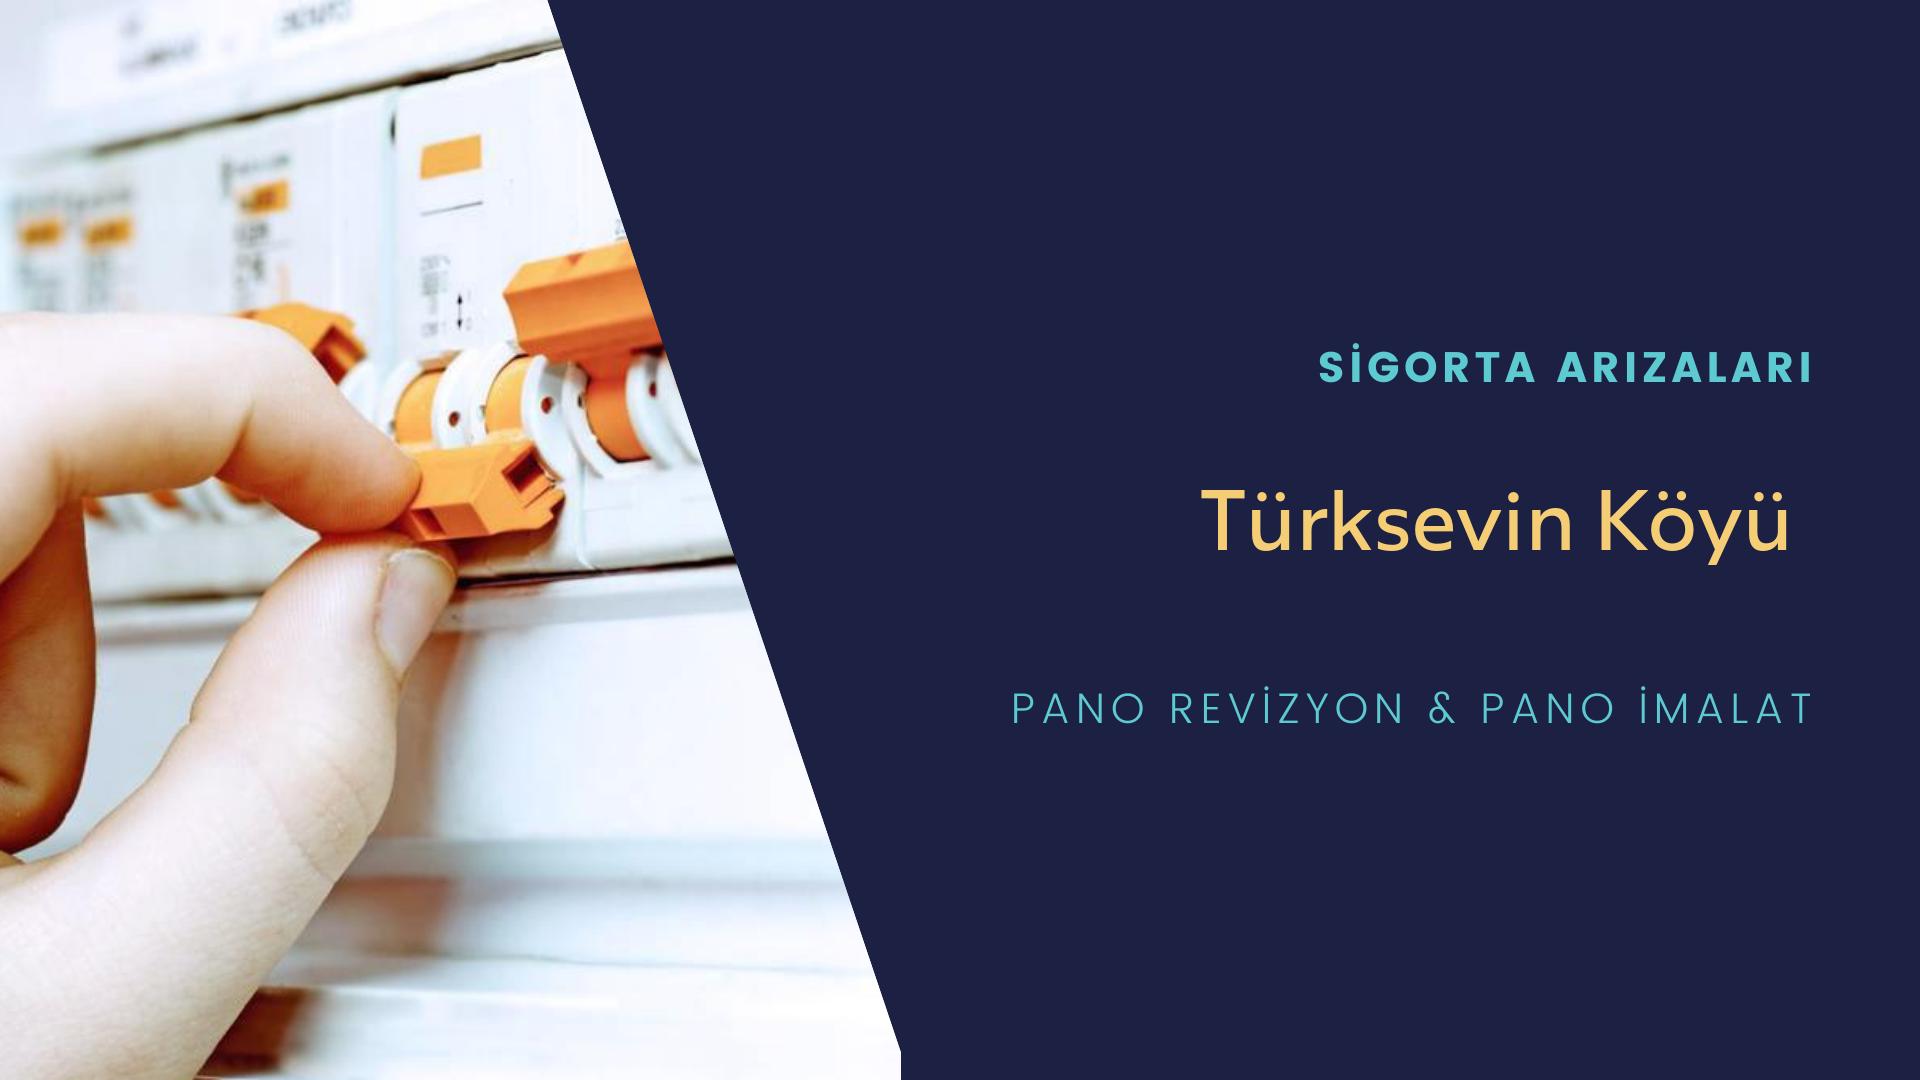 Türksevin Köyü Sigorta Arızaları İçin Profesyonel Elektrikçi ustalarımızı dilediğiniz zaman arayabilir talepte bulunabilirsiniz.